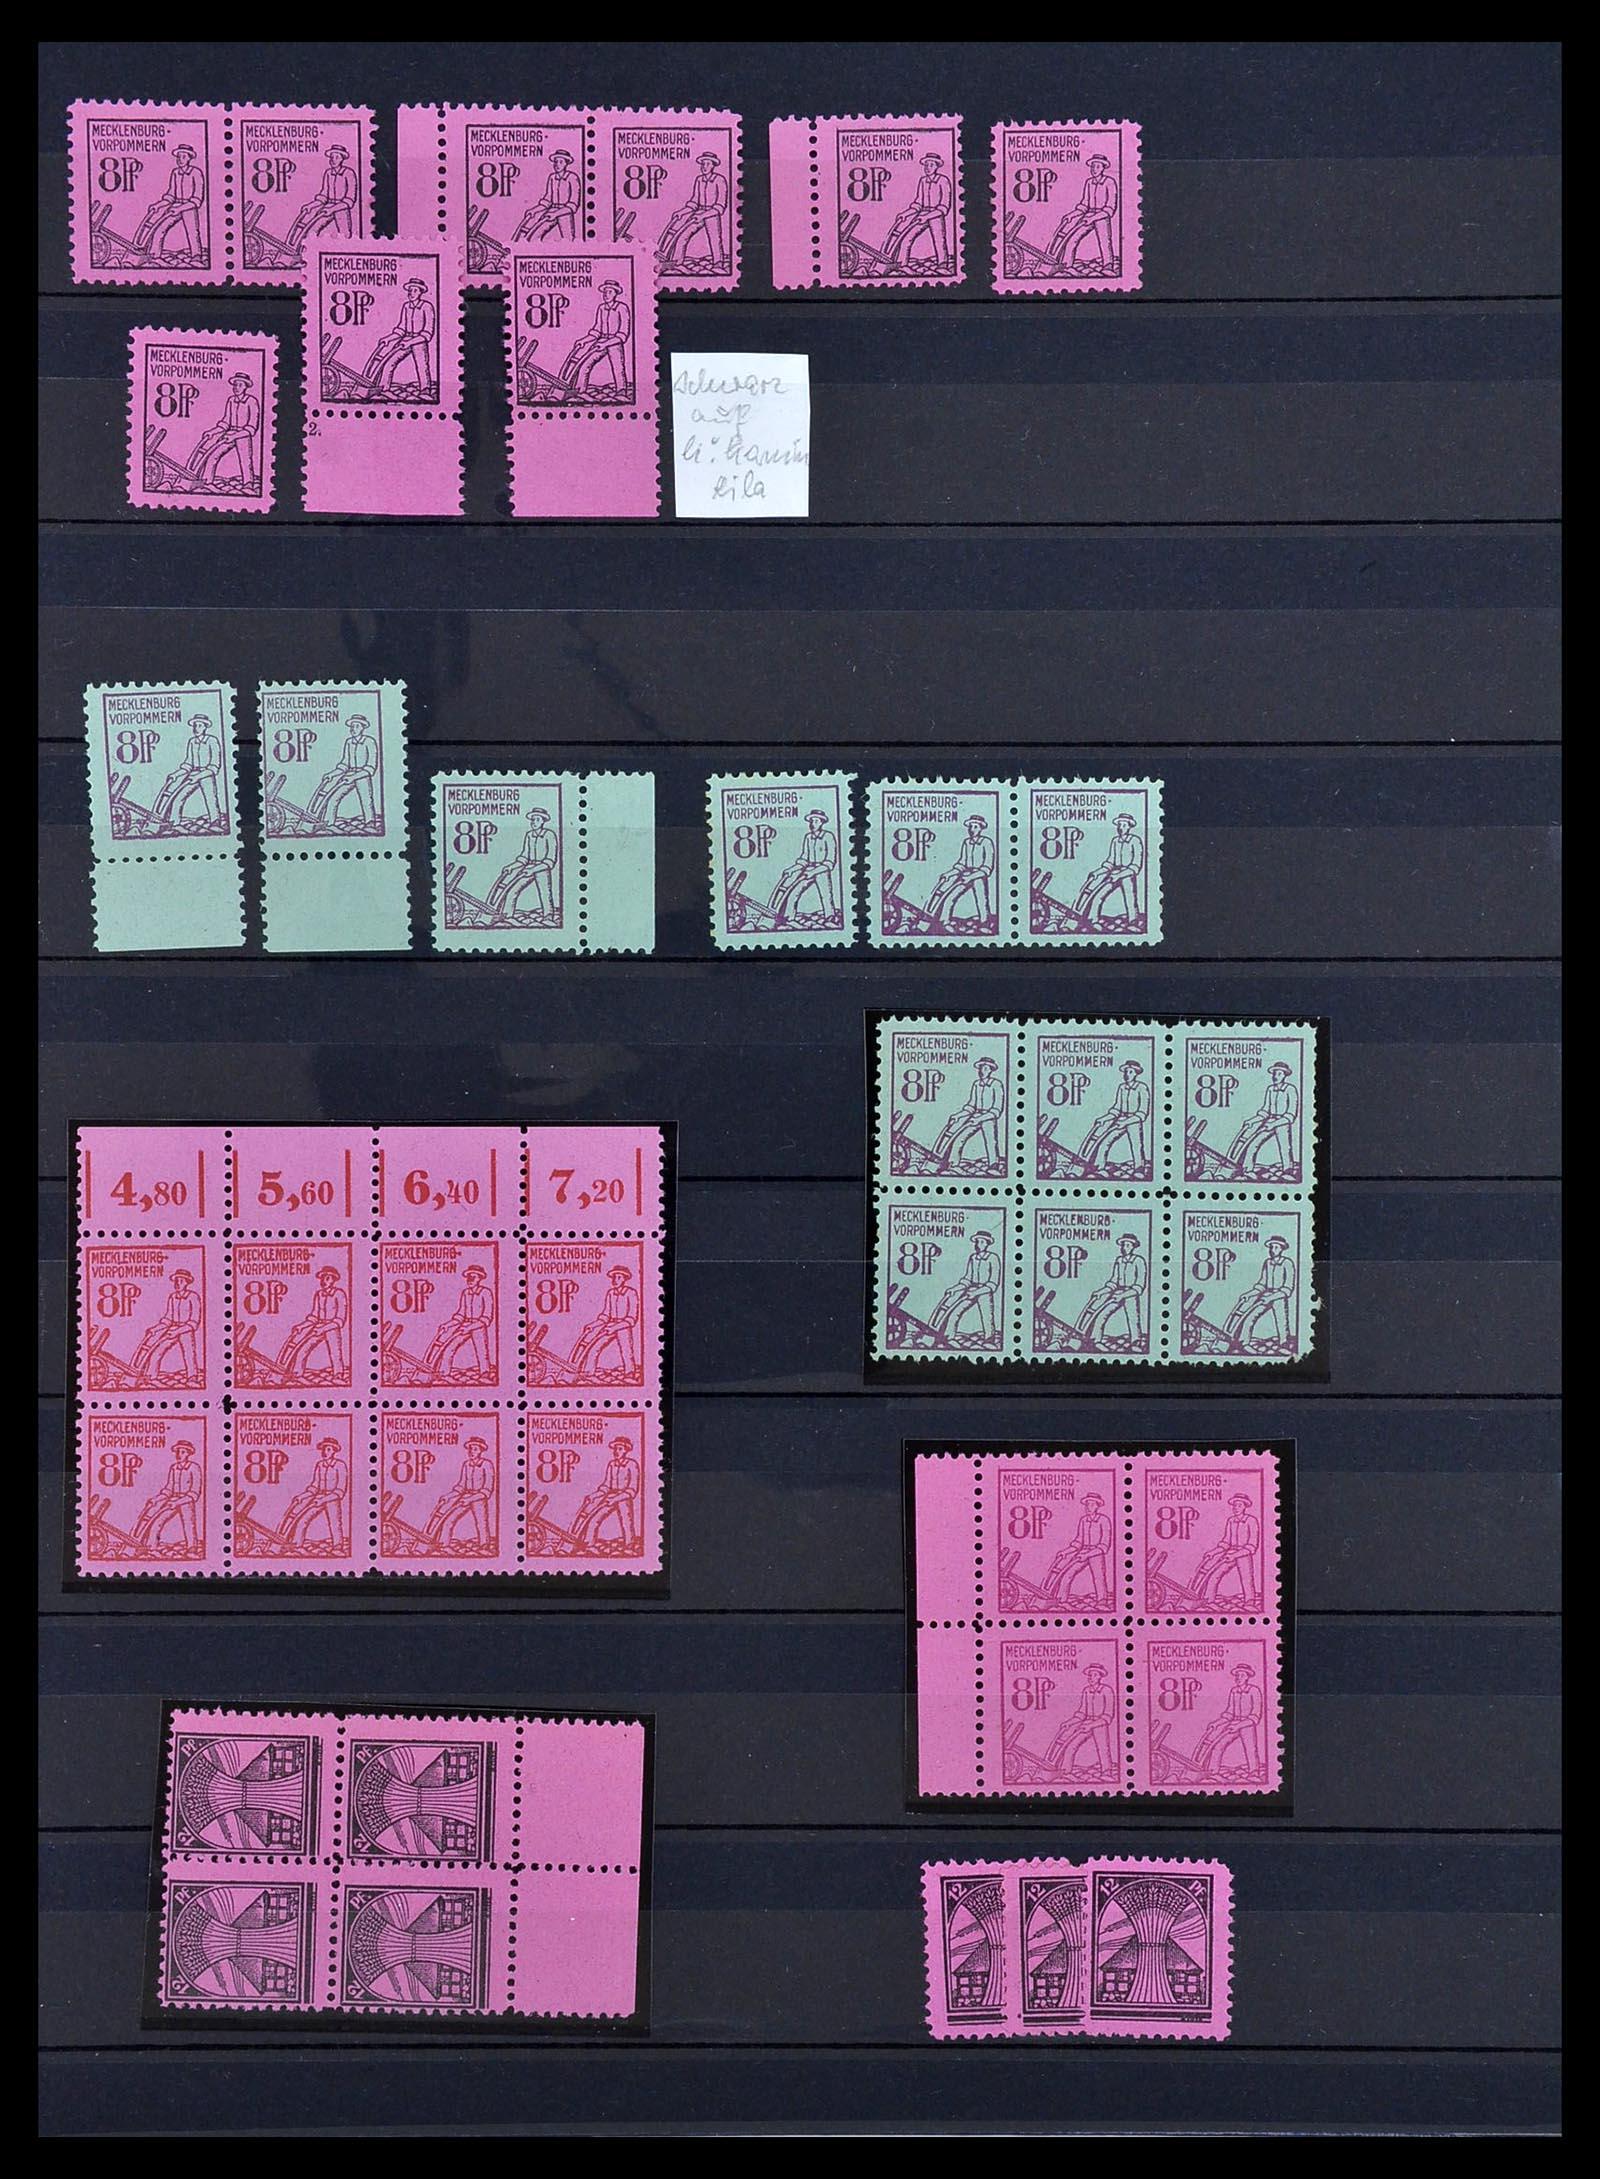 34039 003 - Postzegelverzameling 34039 Mecklenburg-Vorpommern 1945-1946.